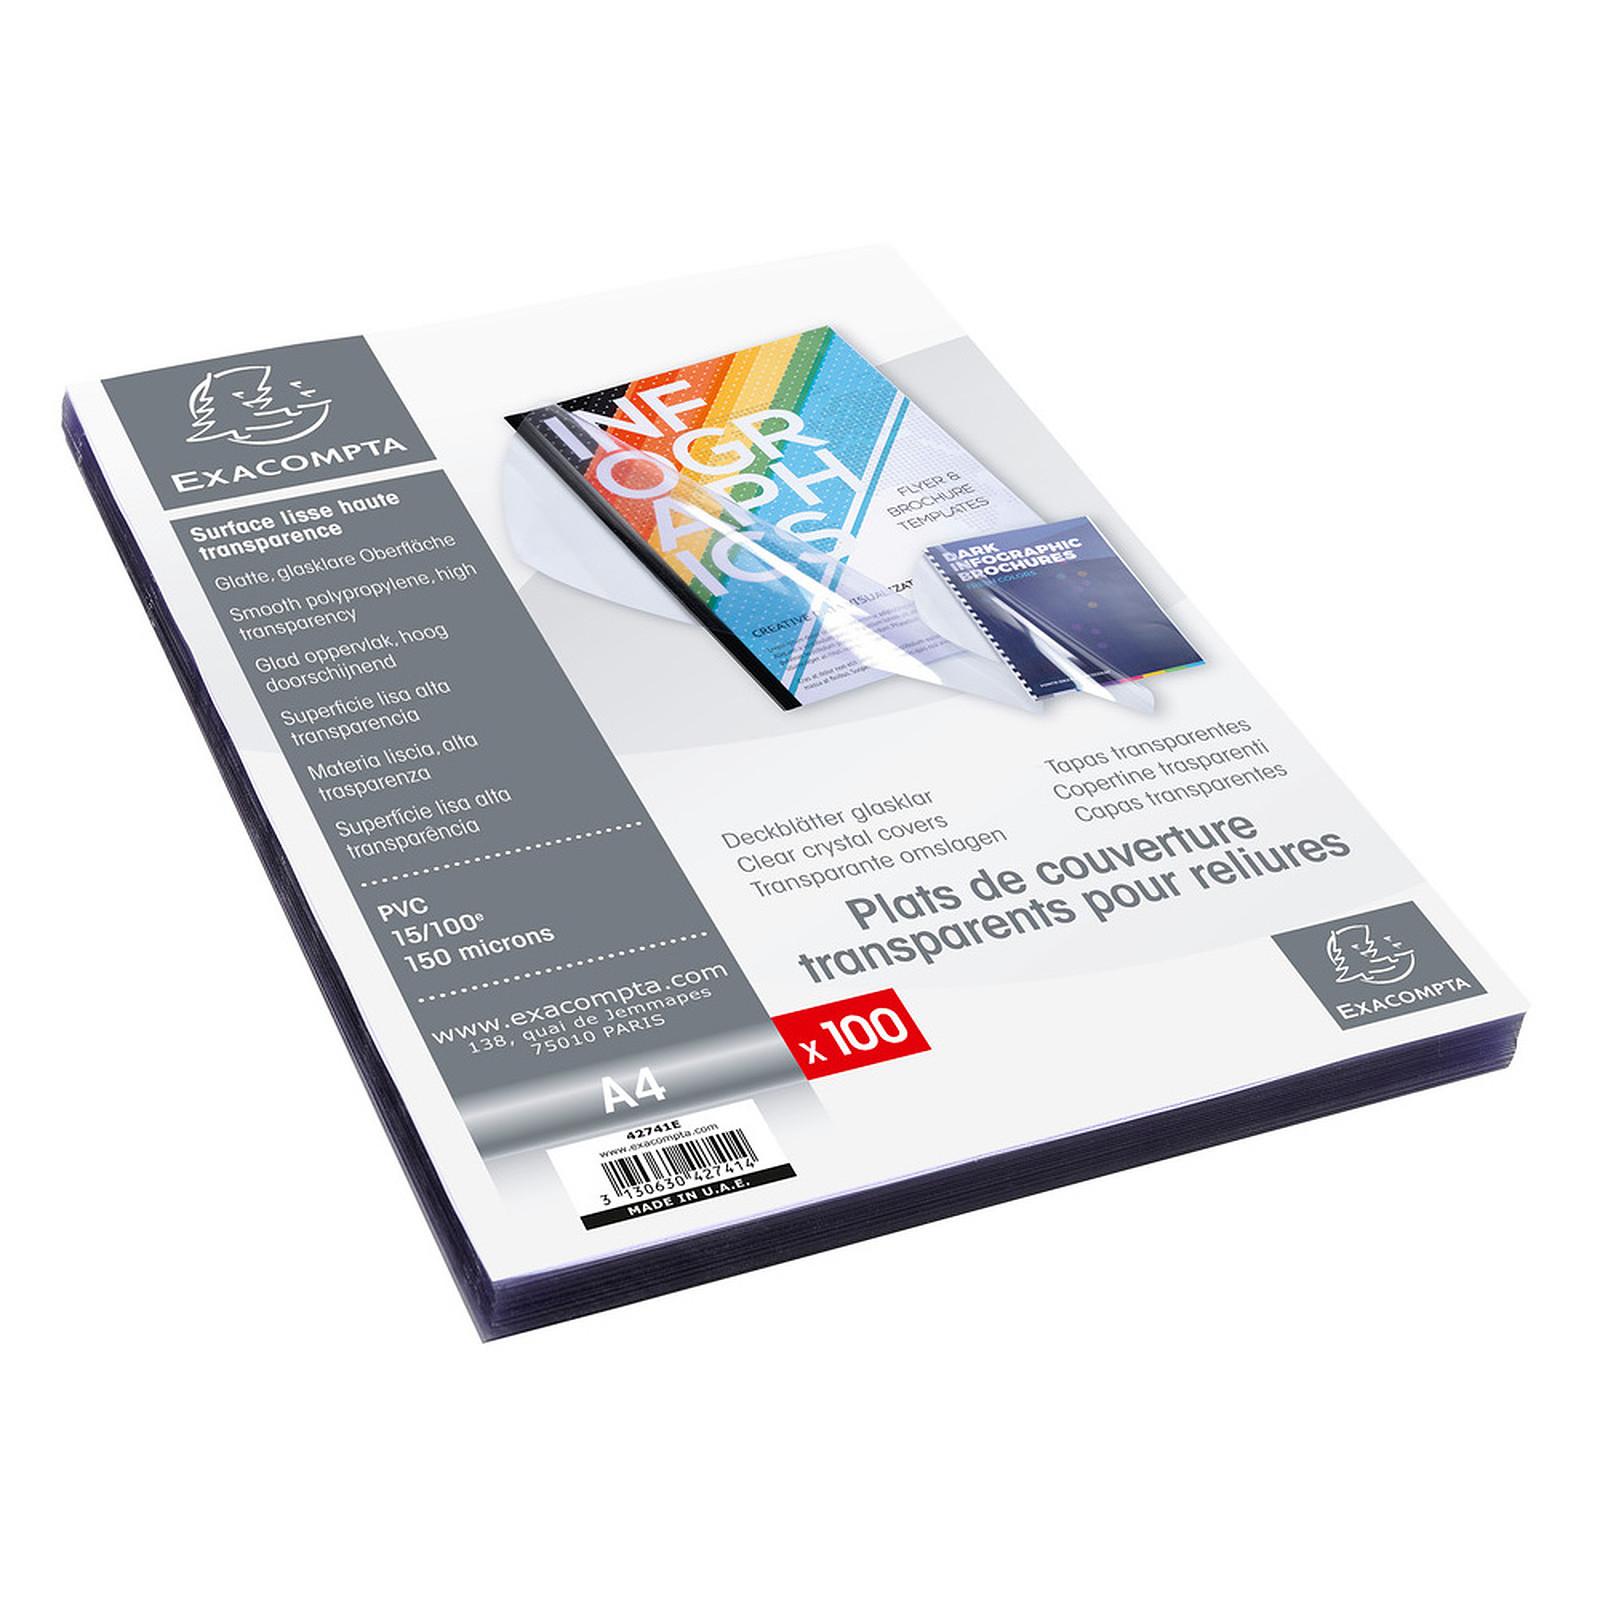 Exacompta Plat de couverture transparent A4 x 100